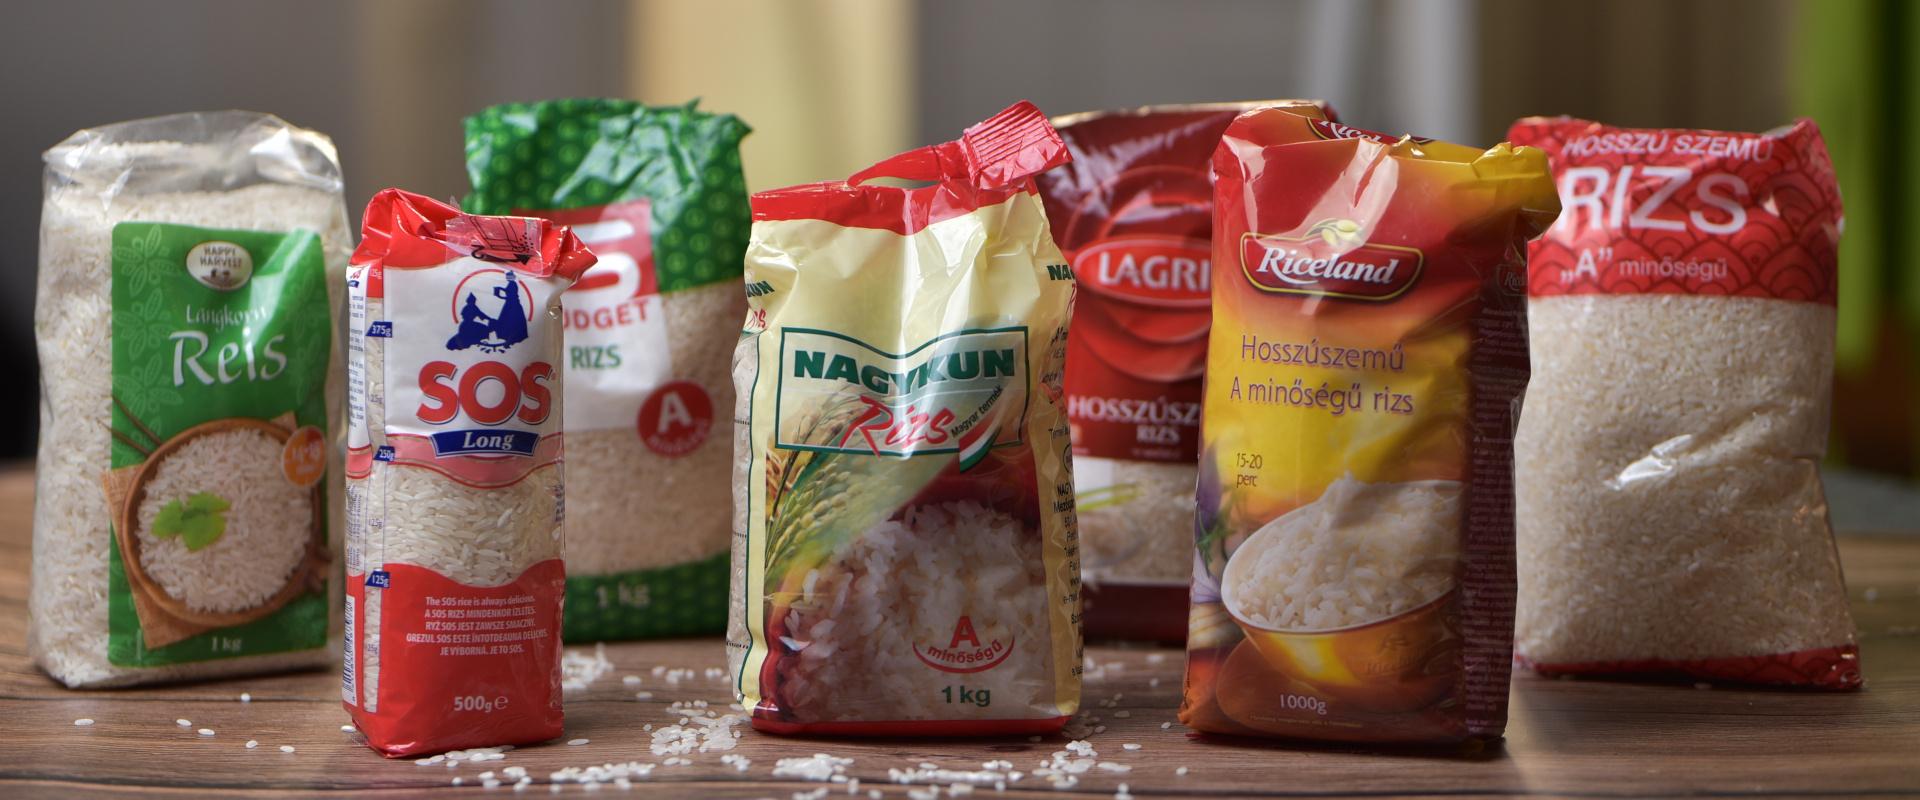 rizsteszt cover